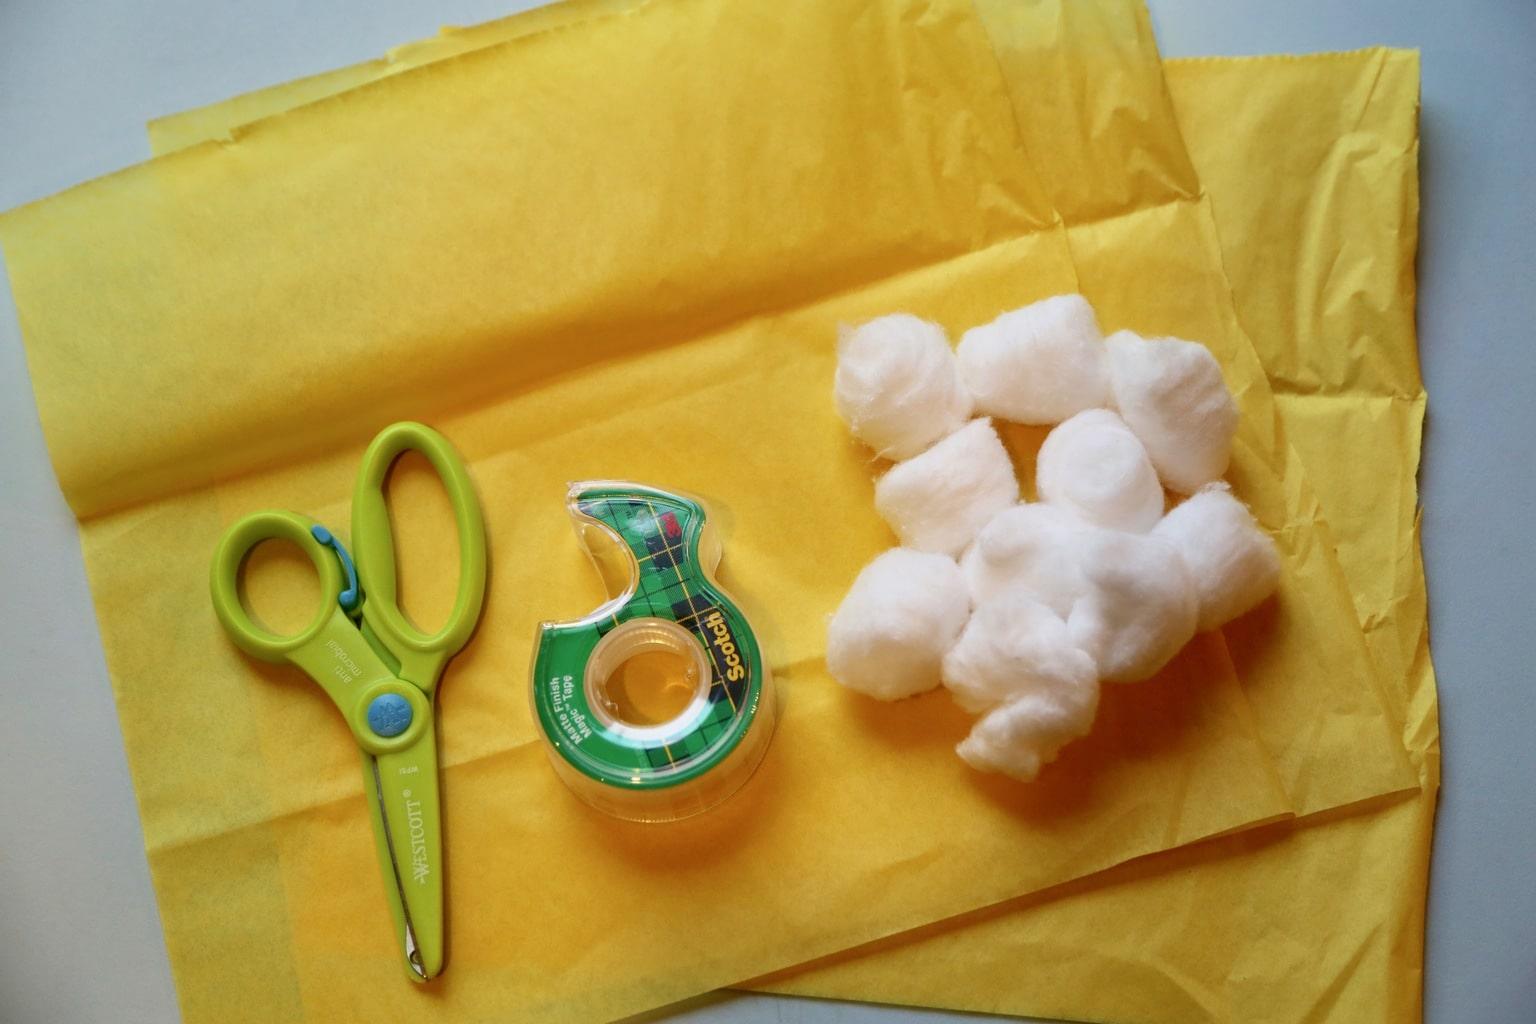 Tortellini craft supplies